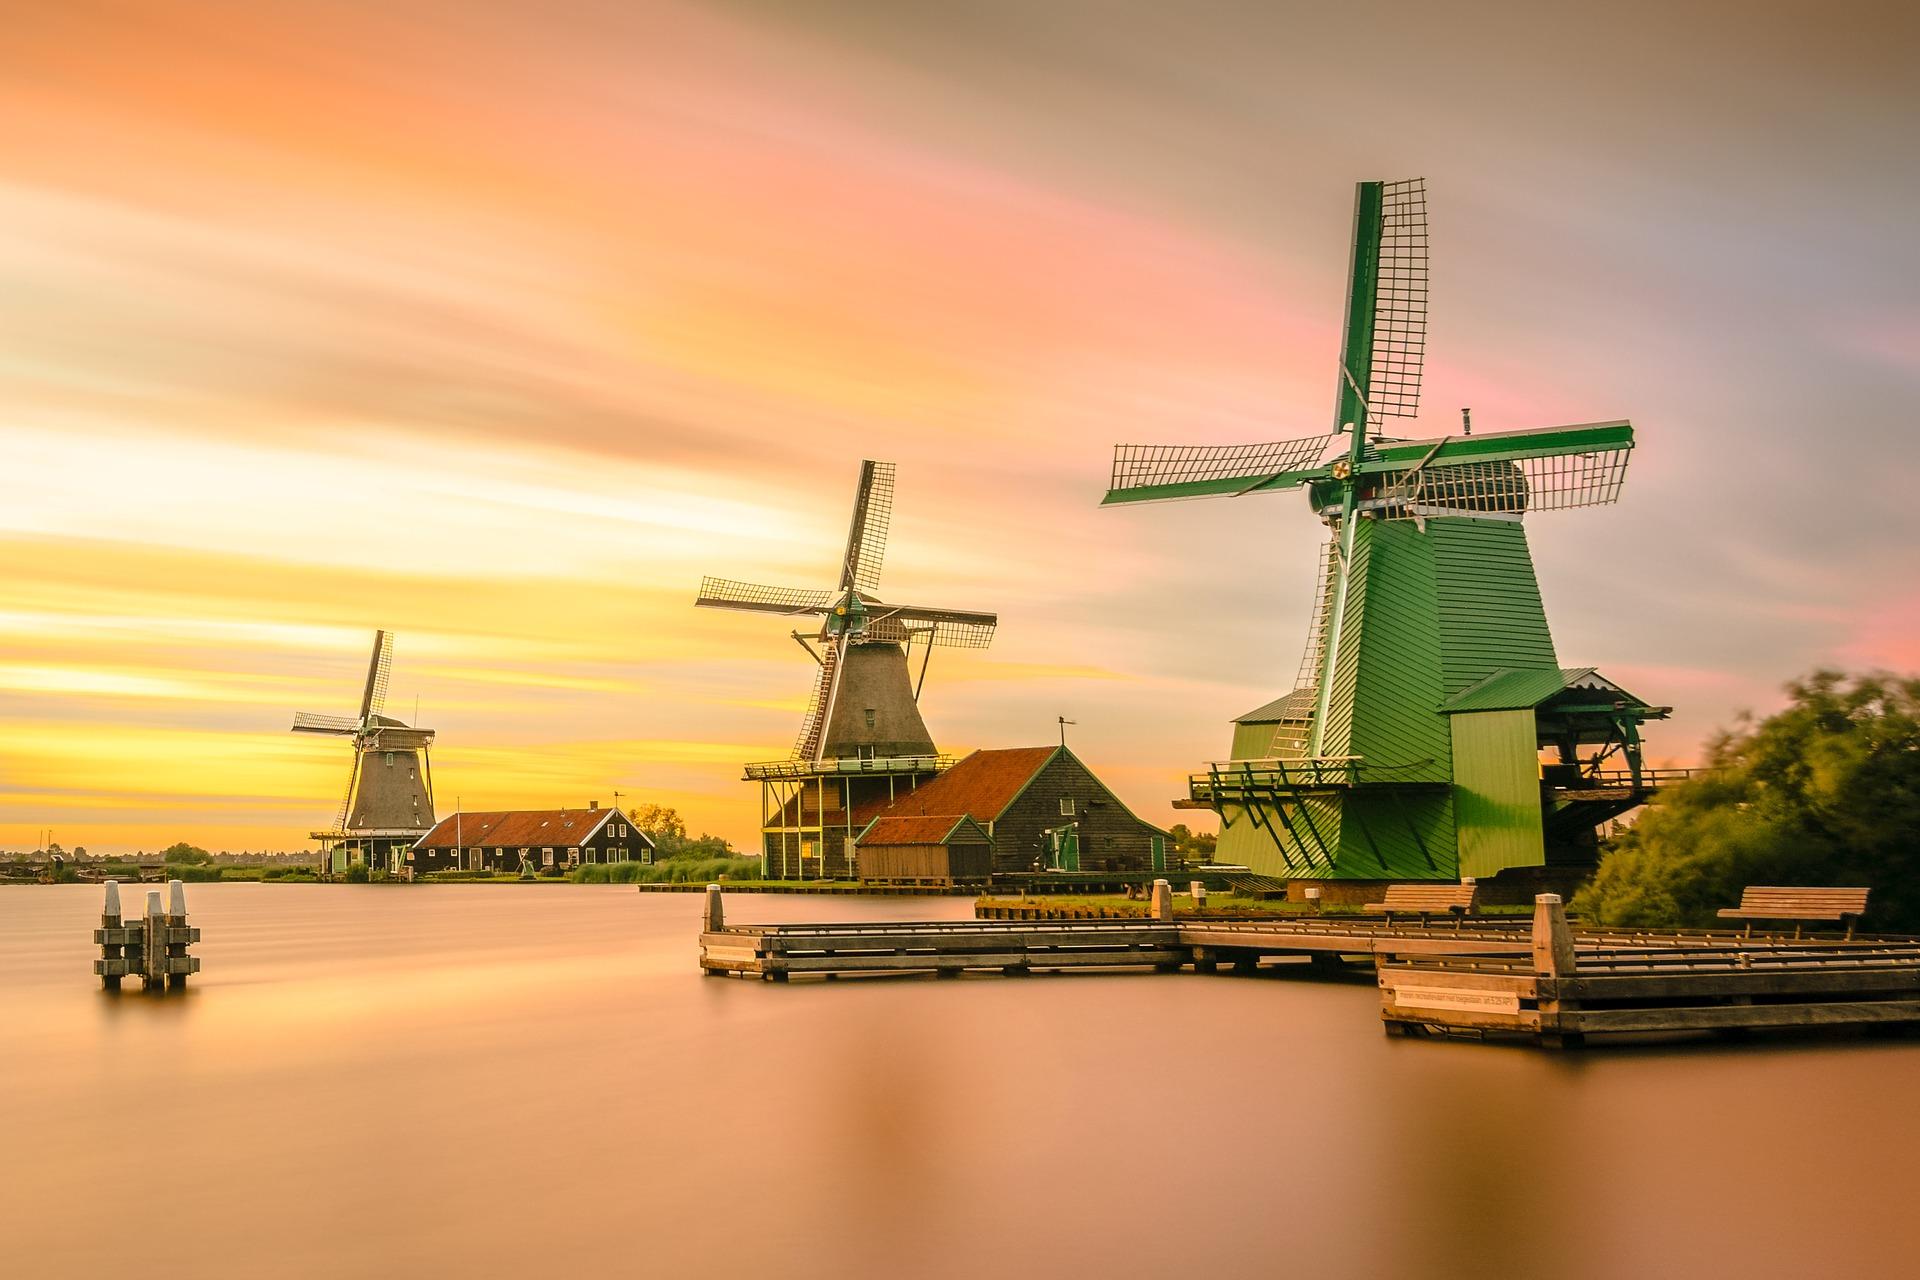 Acheter de l'huile de CBD aux Pays-Bas n'est pas la meilleure idée pour les consommateurs allemands.